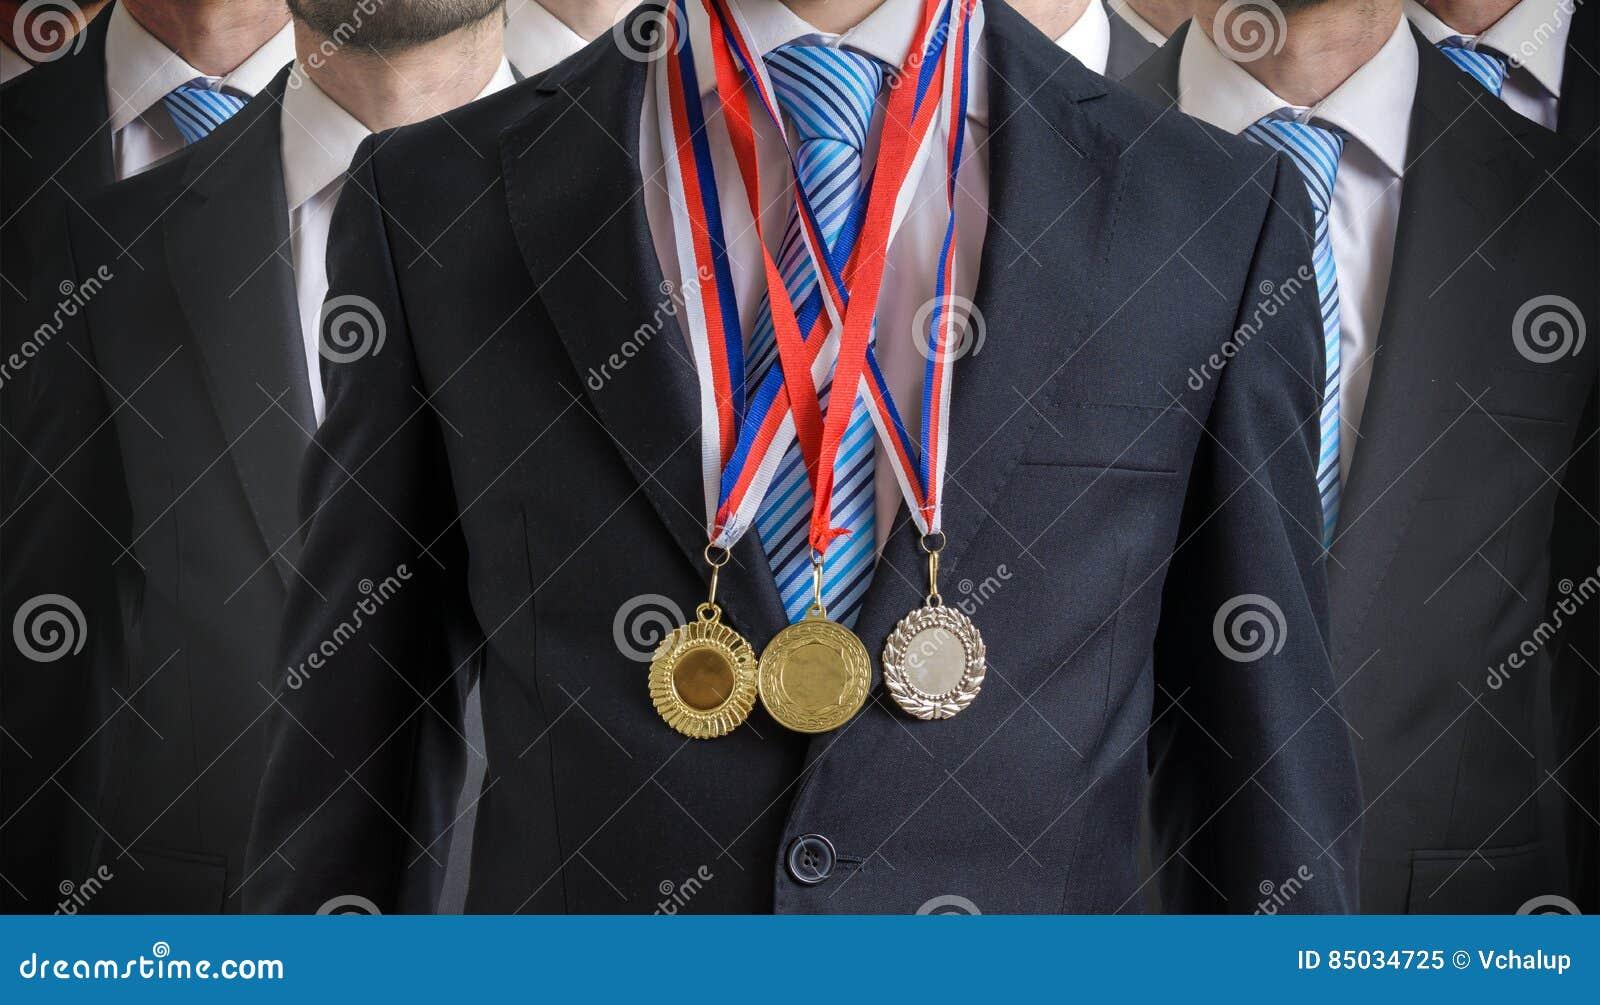 Ο εξαιρετικός επιτυχής υπάλληλος απονεμήθηκε για τις άριστες δεξιότητές του